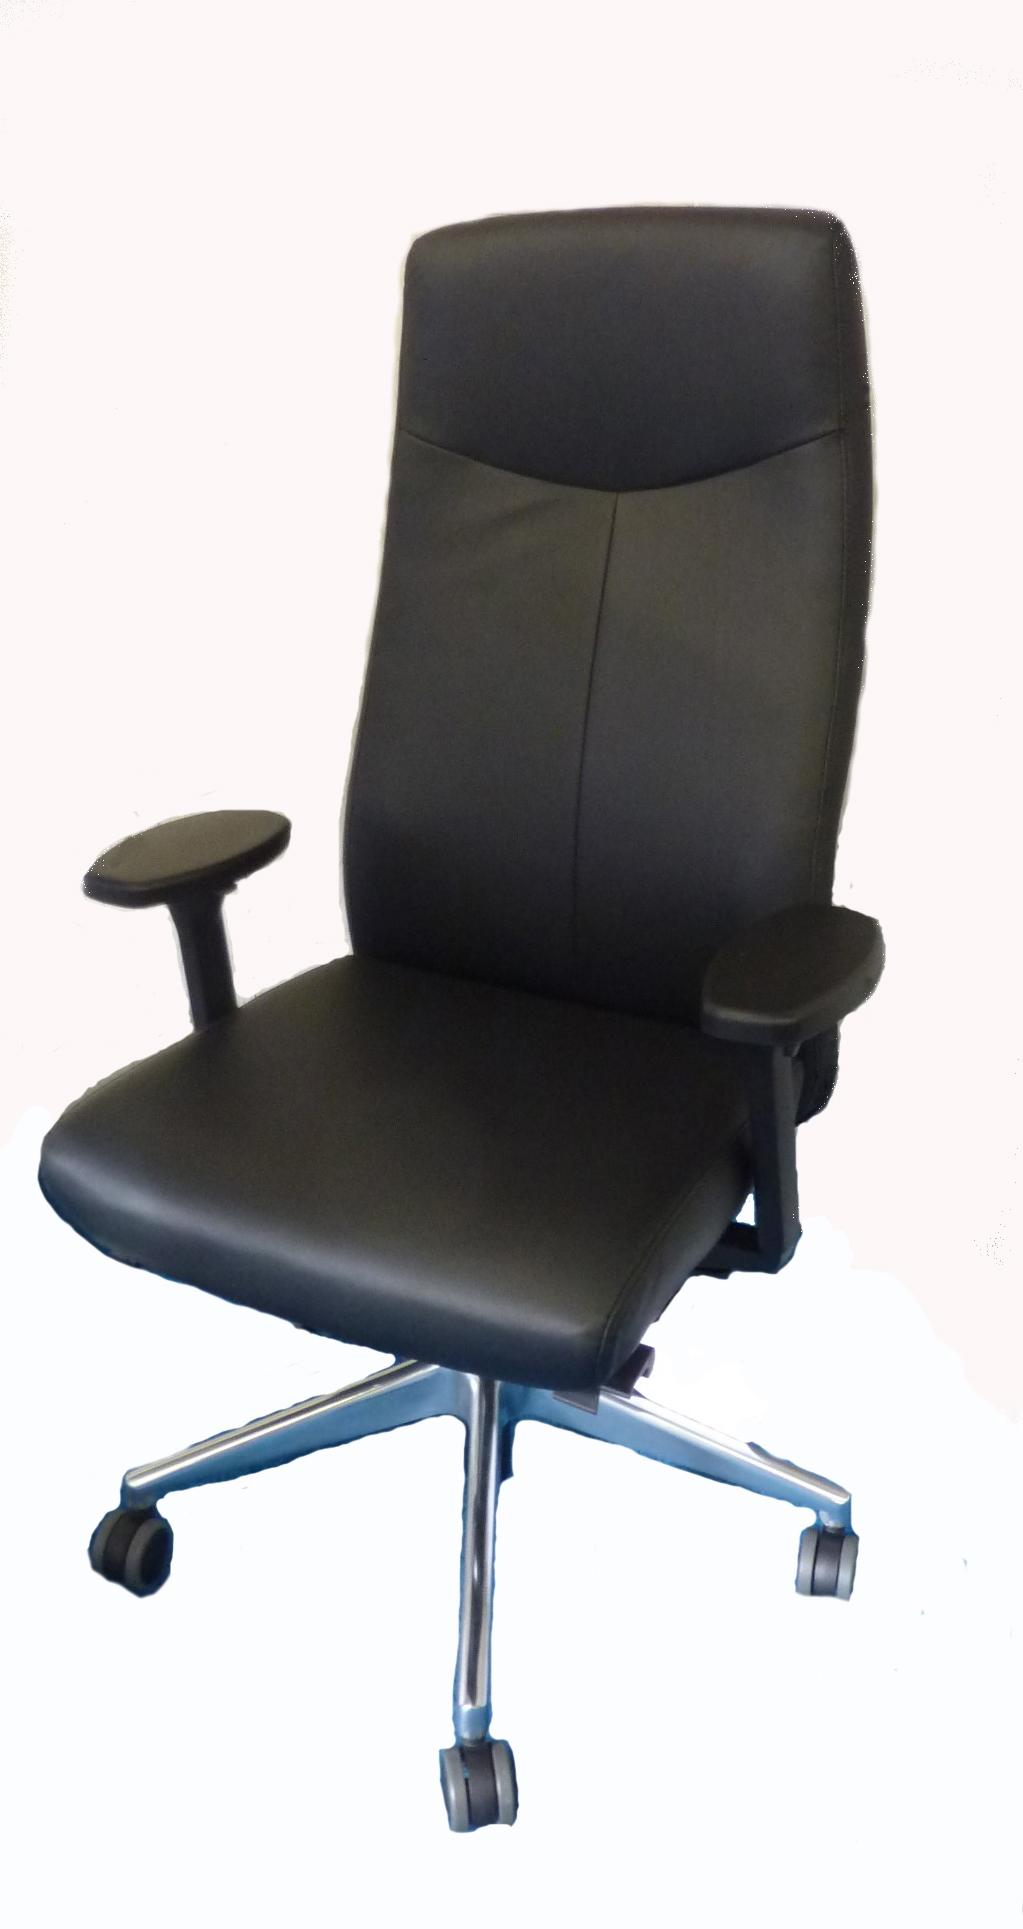 ROVO XL 5910